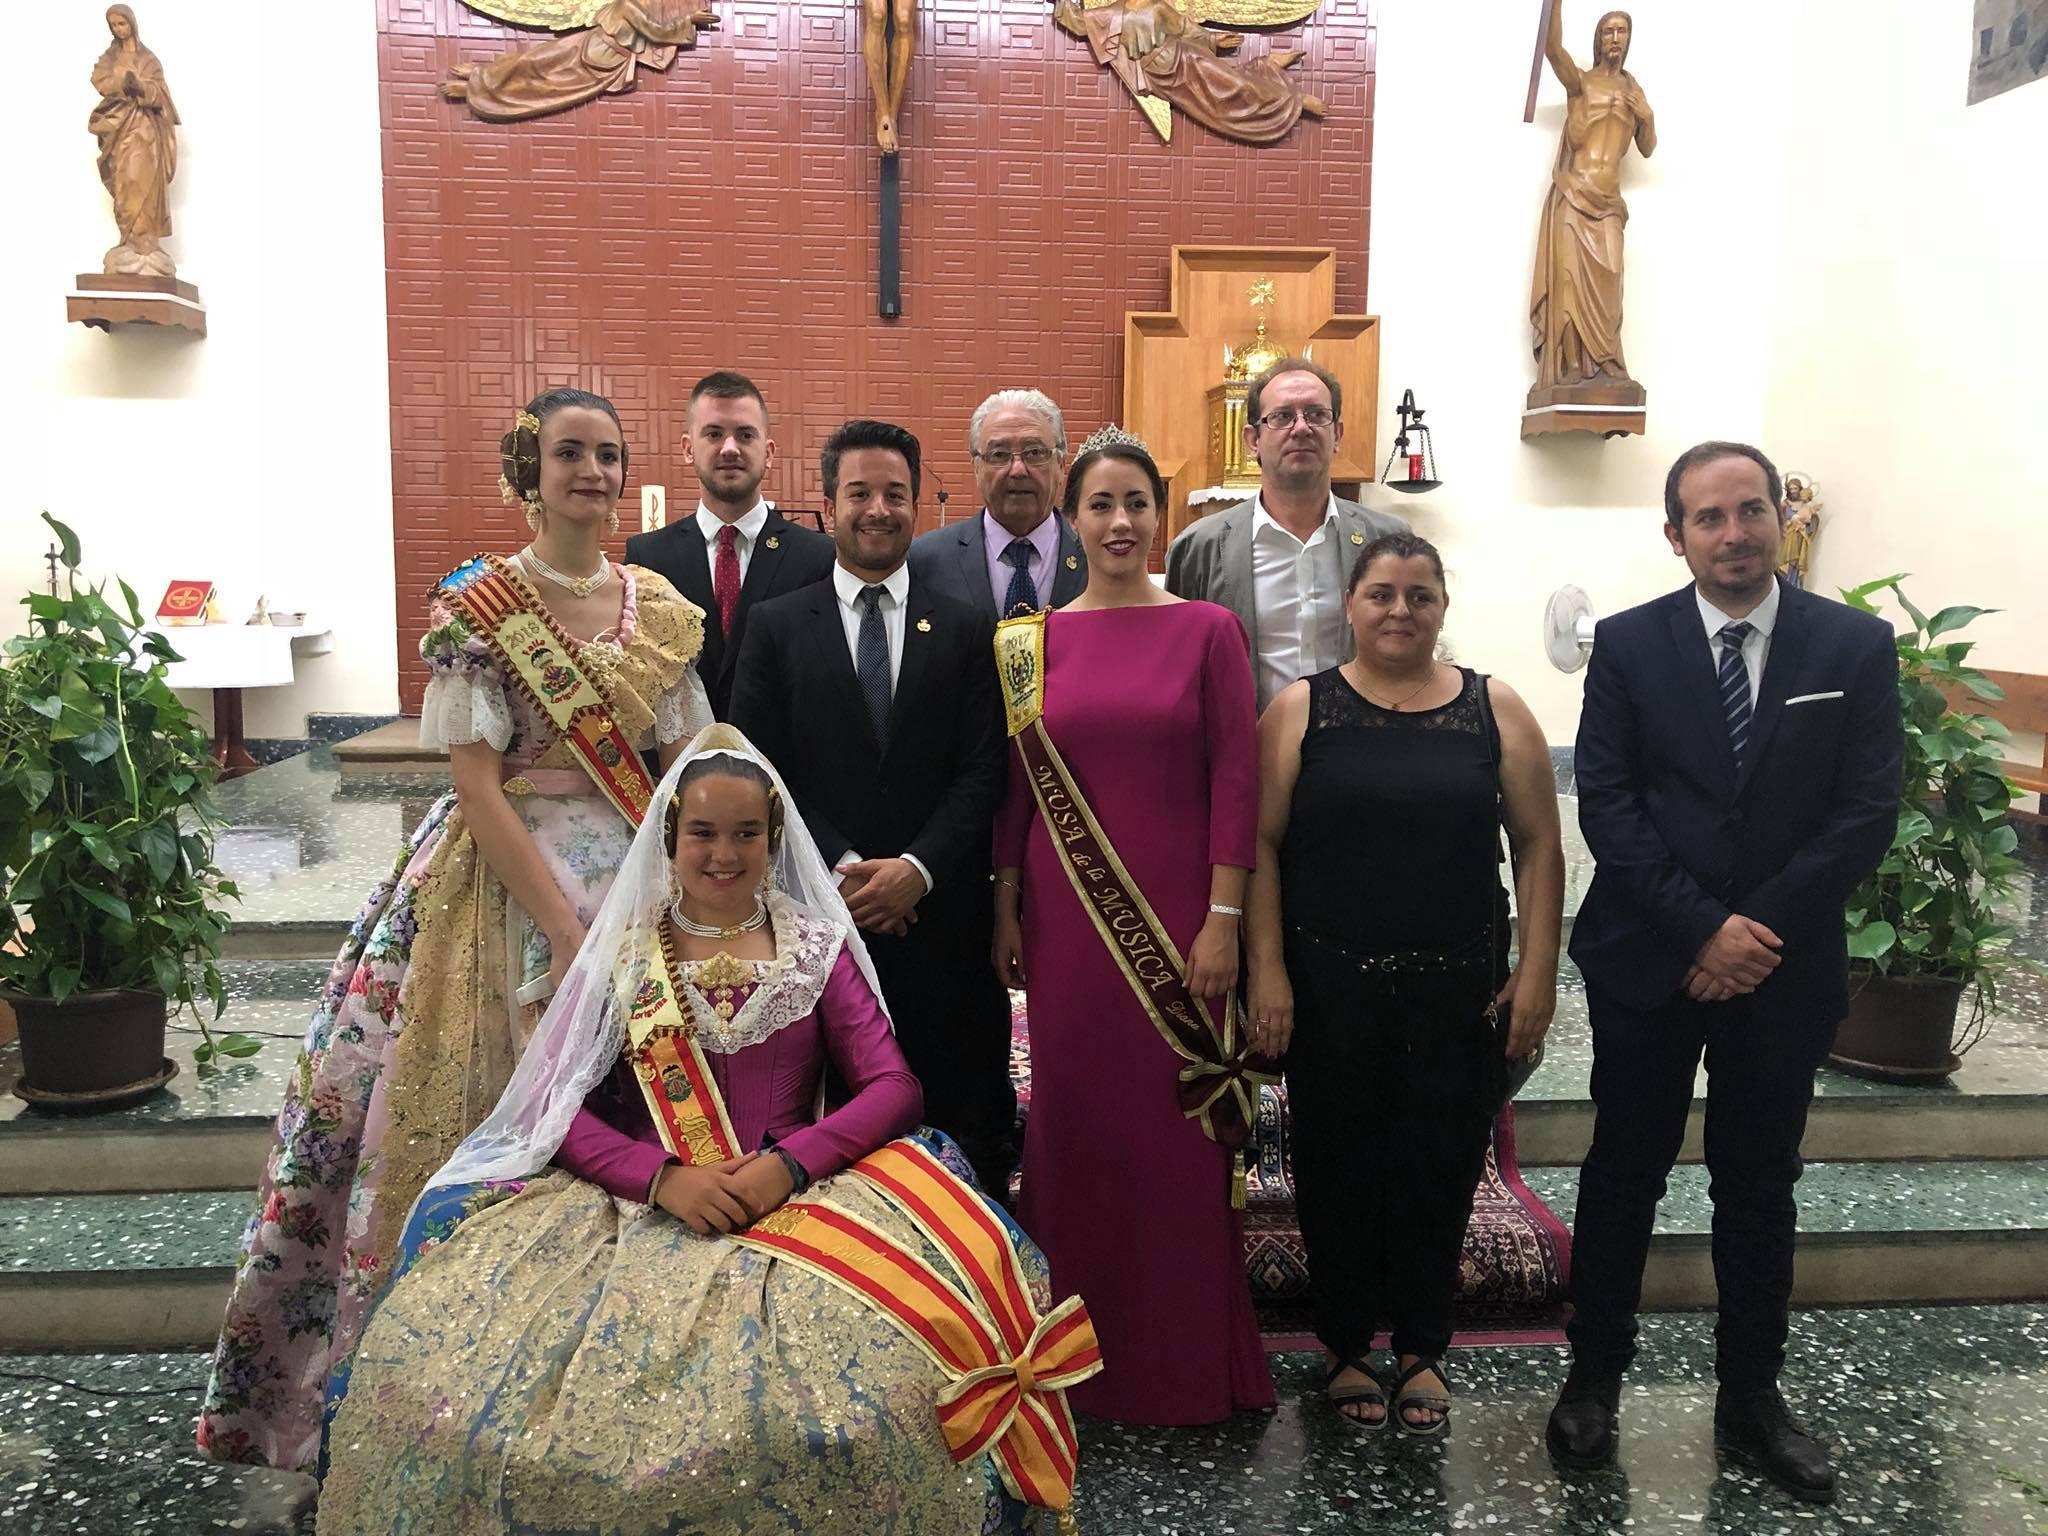 La procesión en honor a San Juan Bautista pone el broche a  las Fiestas Patronales